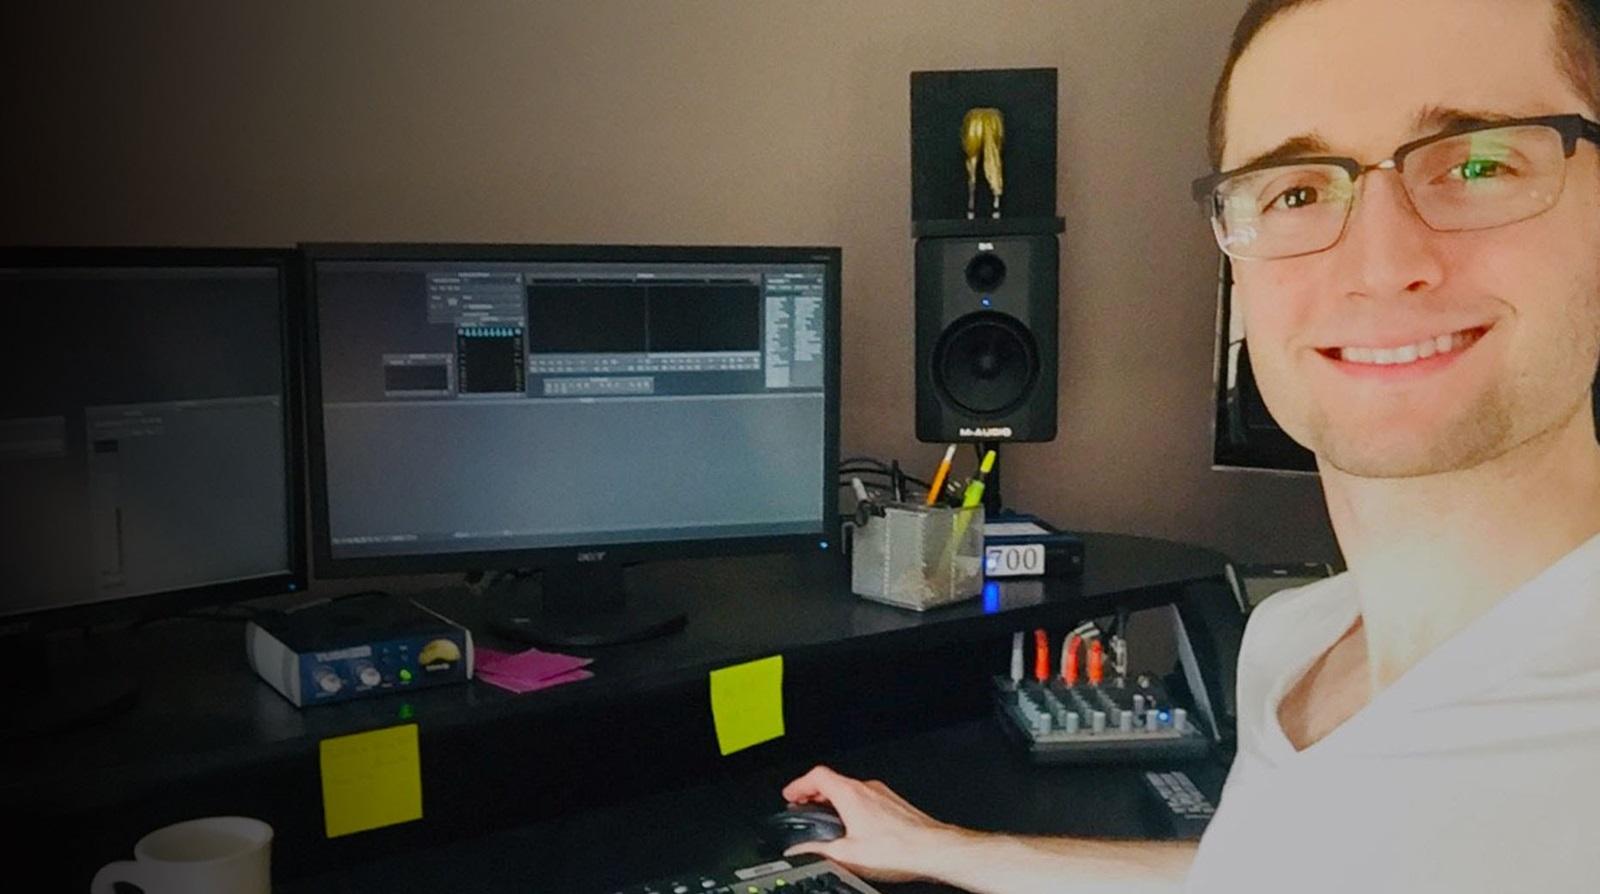 Mason Carden a career video editor using Media Composer